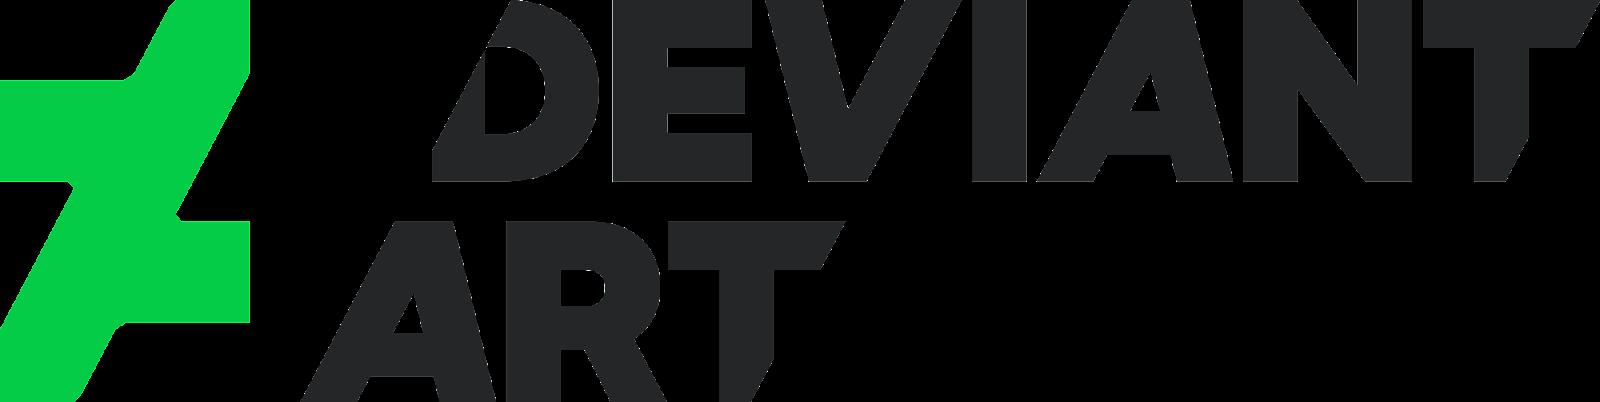 DeviantArt_Logo.svg.png